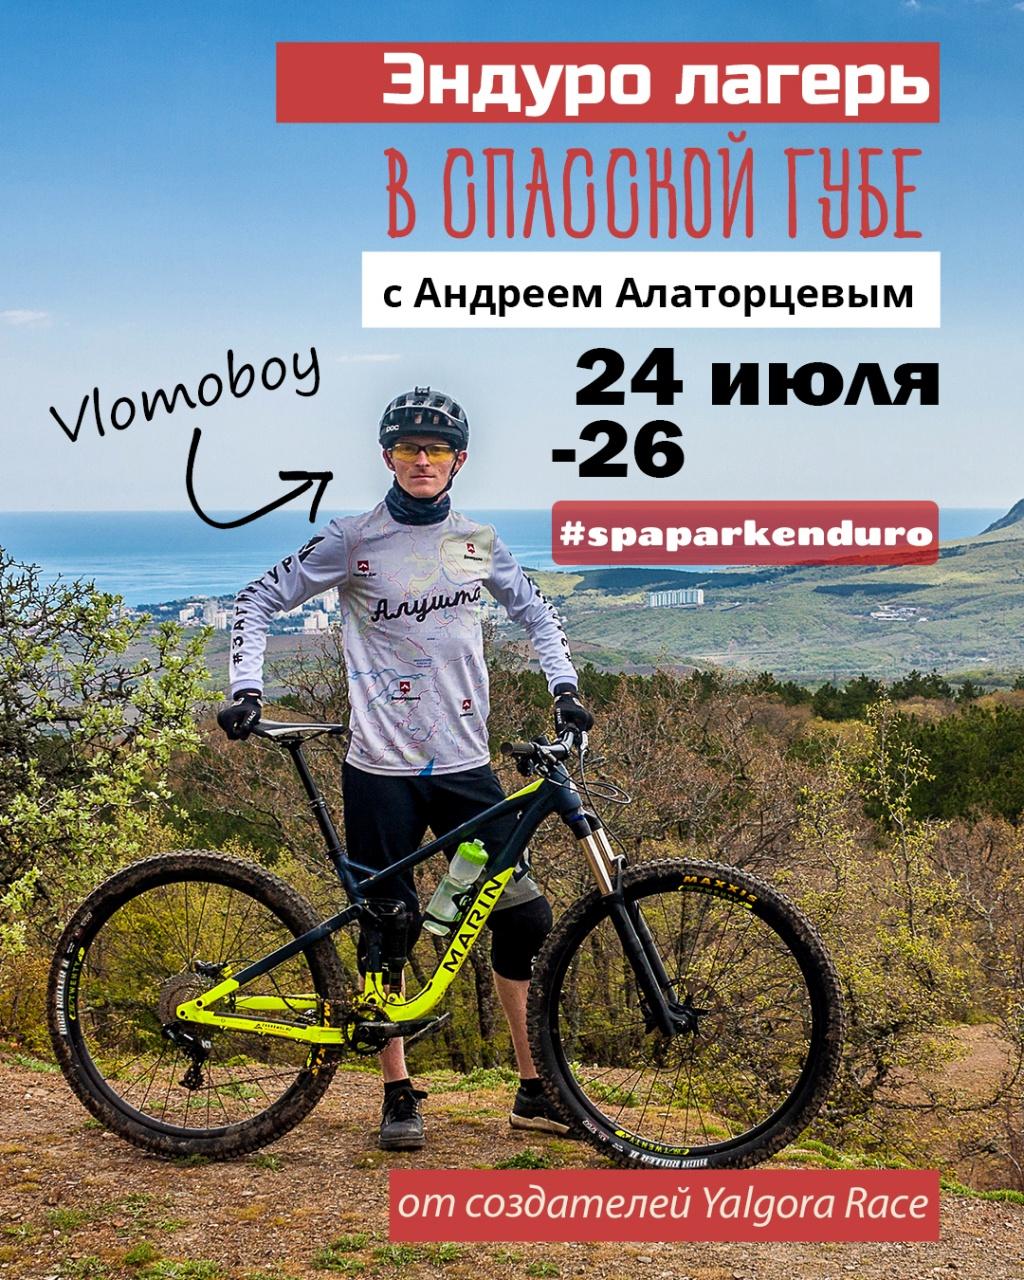 Блог им. AleksandrGrigorev: Эндуро лагерь в Спасской губе.